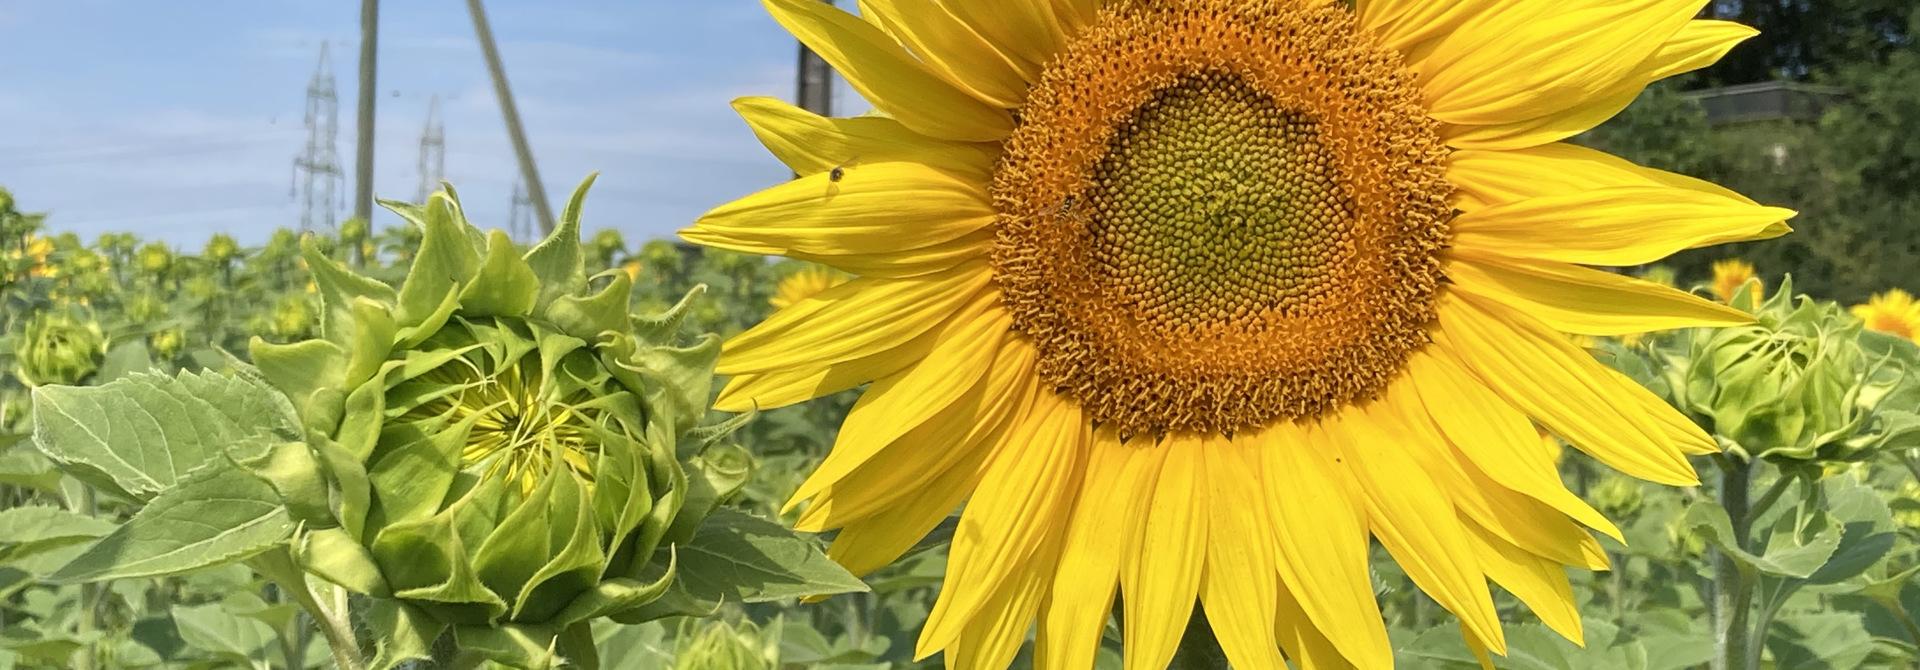 Blu00fchende Sonnenblume im Bodenbearbeitungsversuch 2020>